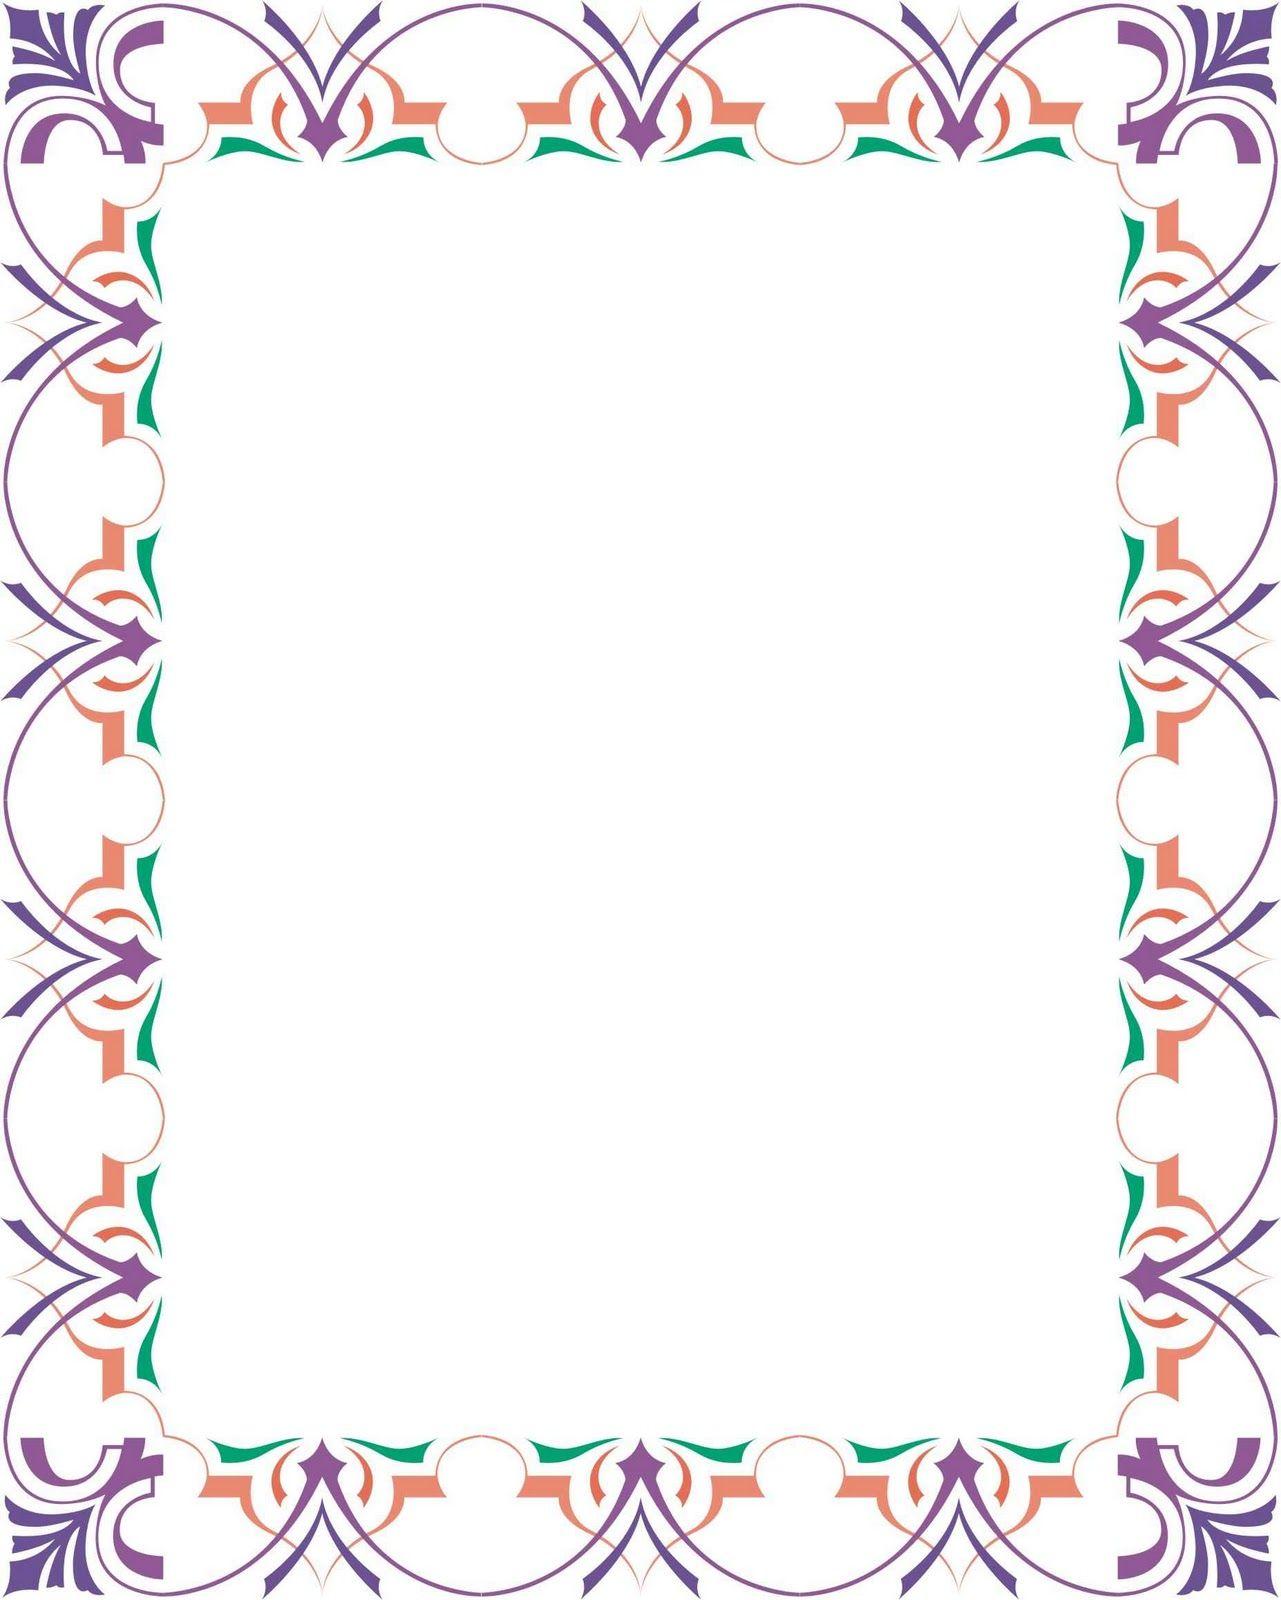 Bingkai / Border Piagam Vector (2) | tadungkung | Desain